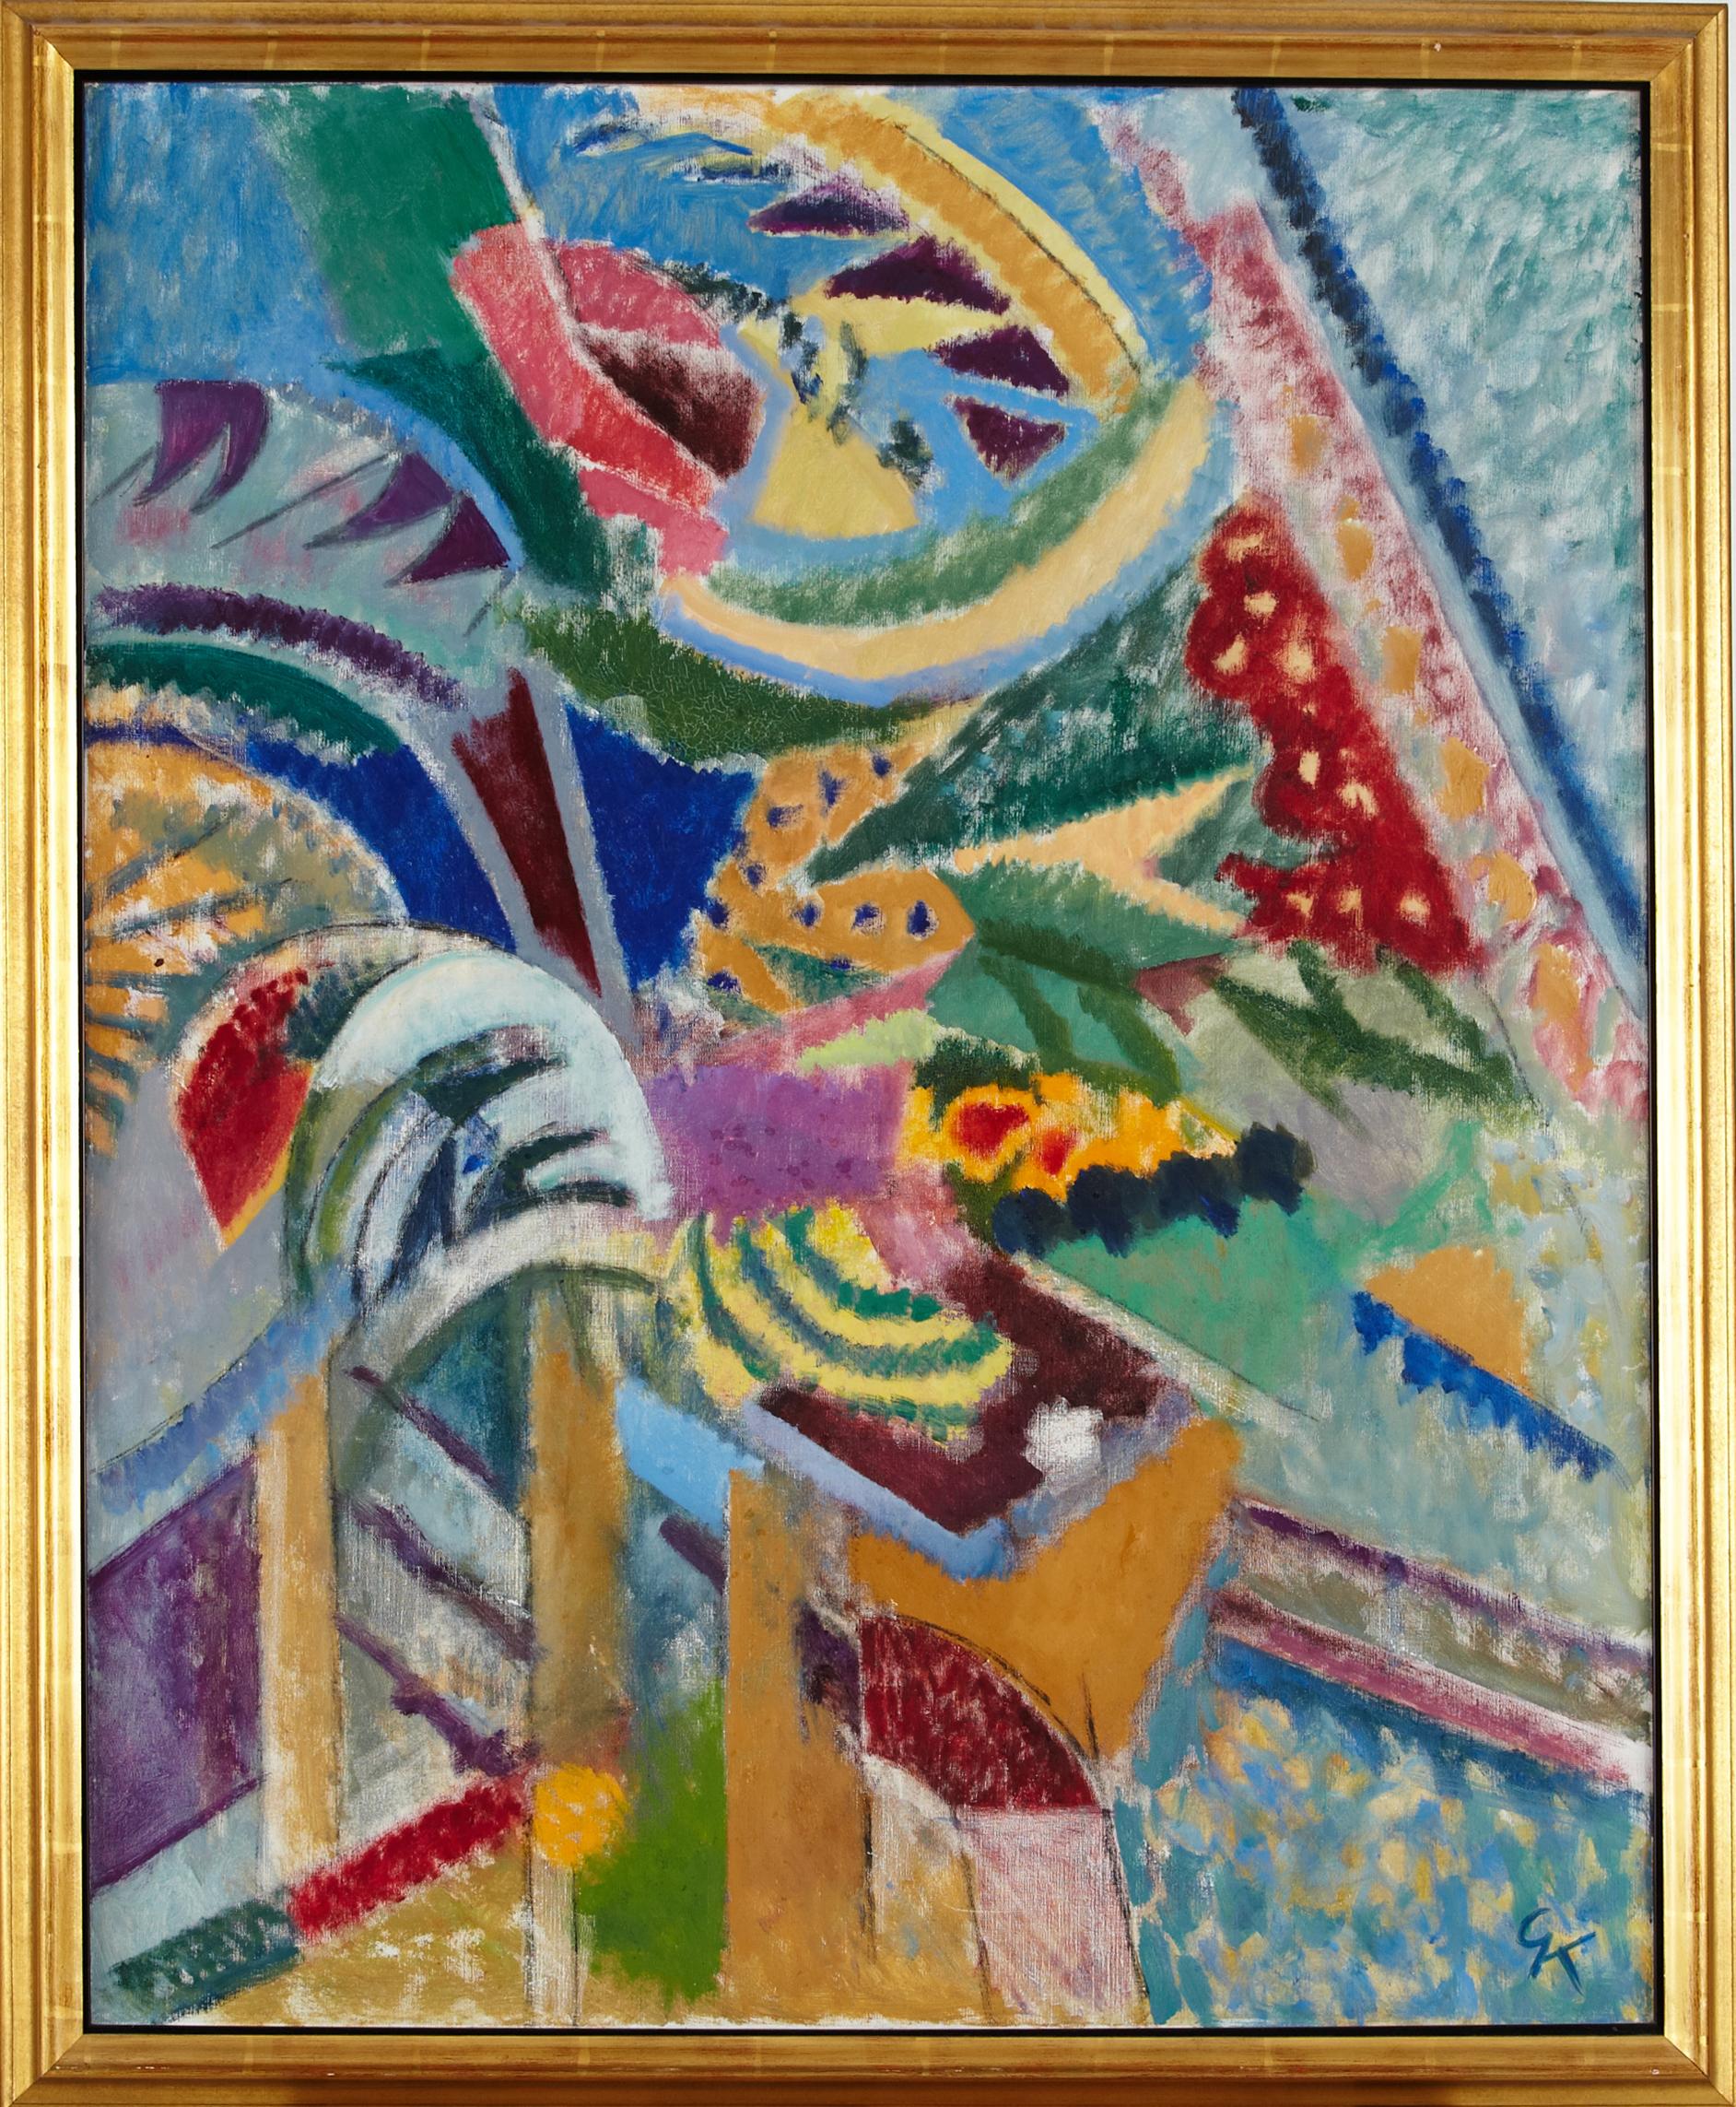 Greta Knutson-Tzara (1899-1983), komposition, monogramsignerad GK, olja på duk. Såldes hos Stockholms Auktionsverk 2014 för 12 500 kronor. Bild Stockholm Auktionsverk